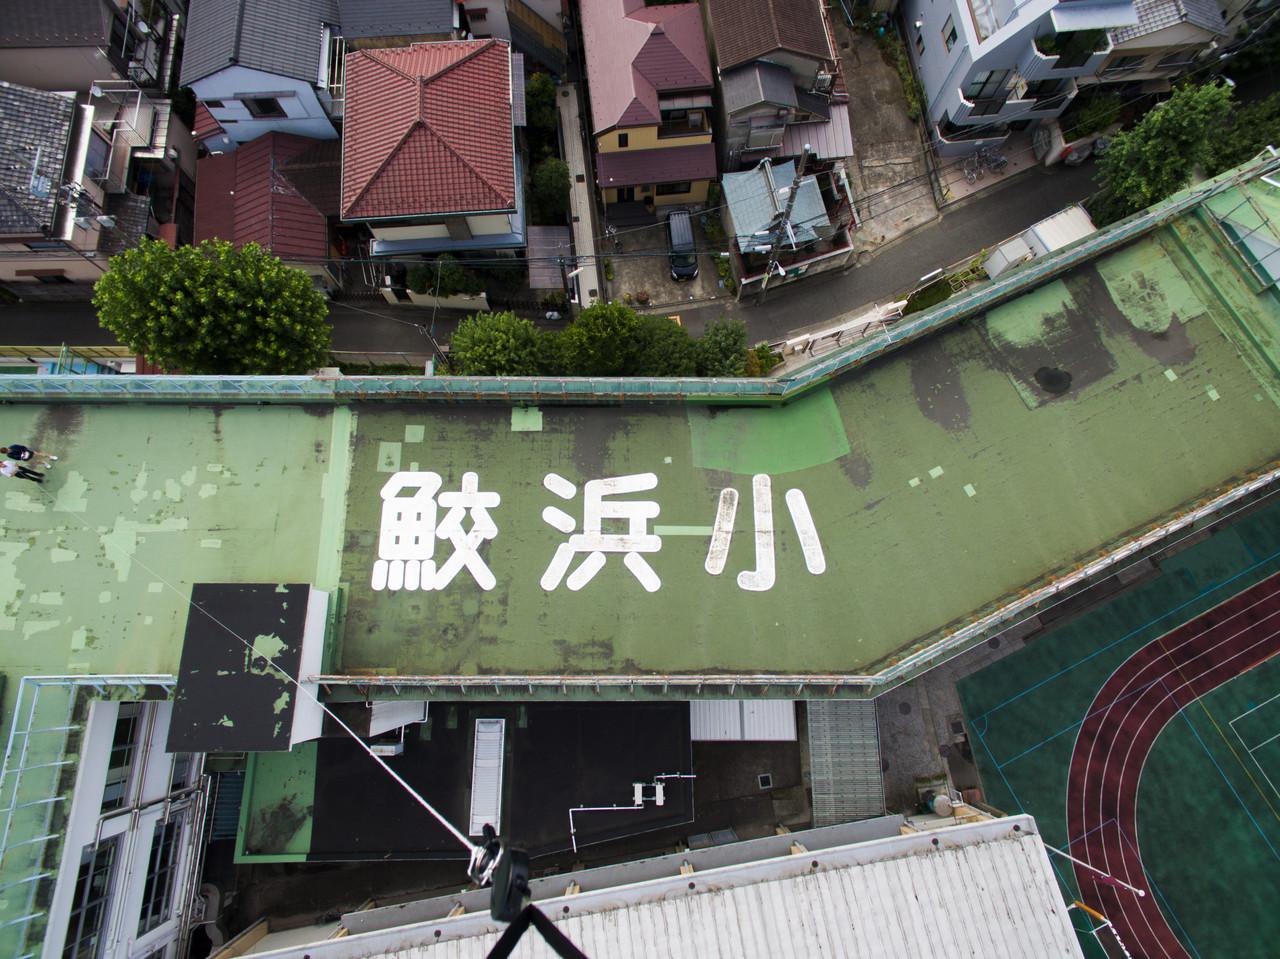 屋上から真下を撮影